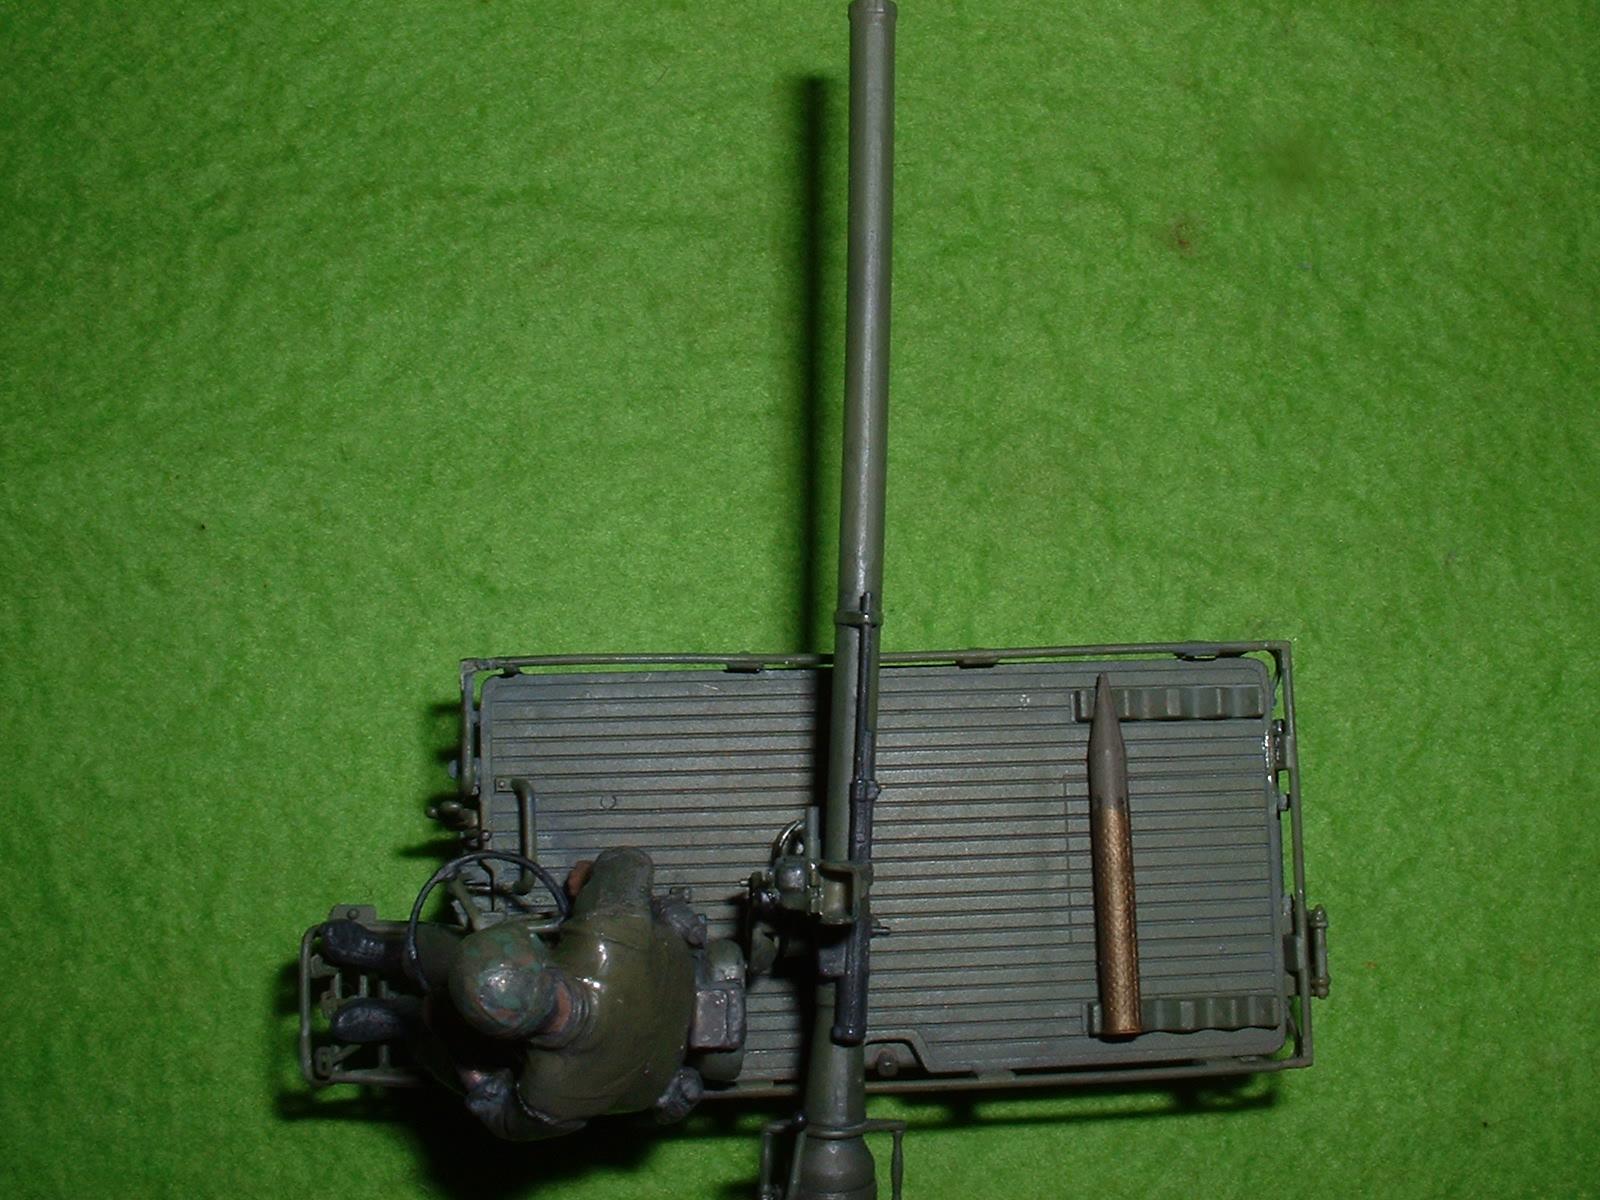 ドラゴン 35分の1 M274 その6 外箱.JPG.JPG